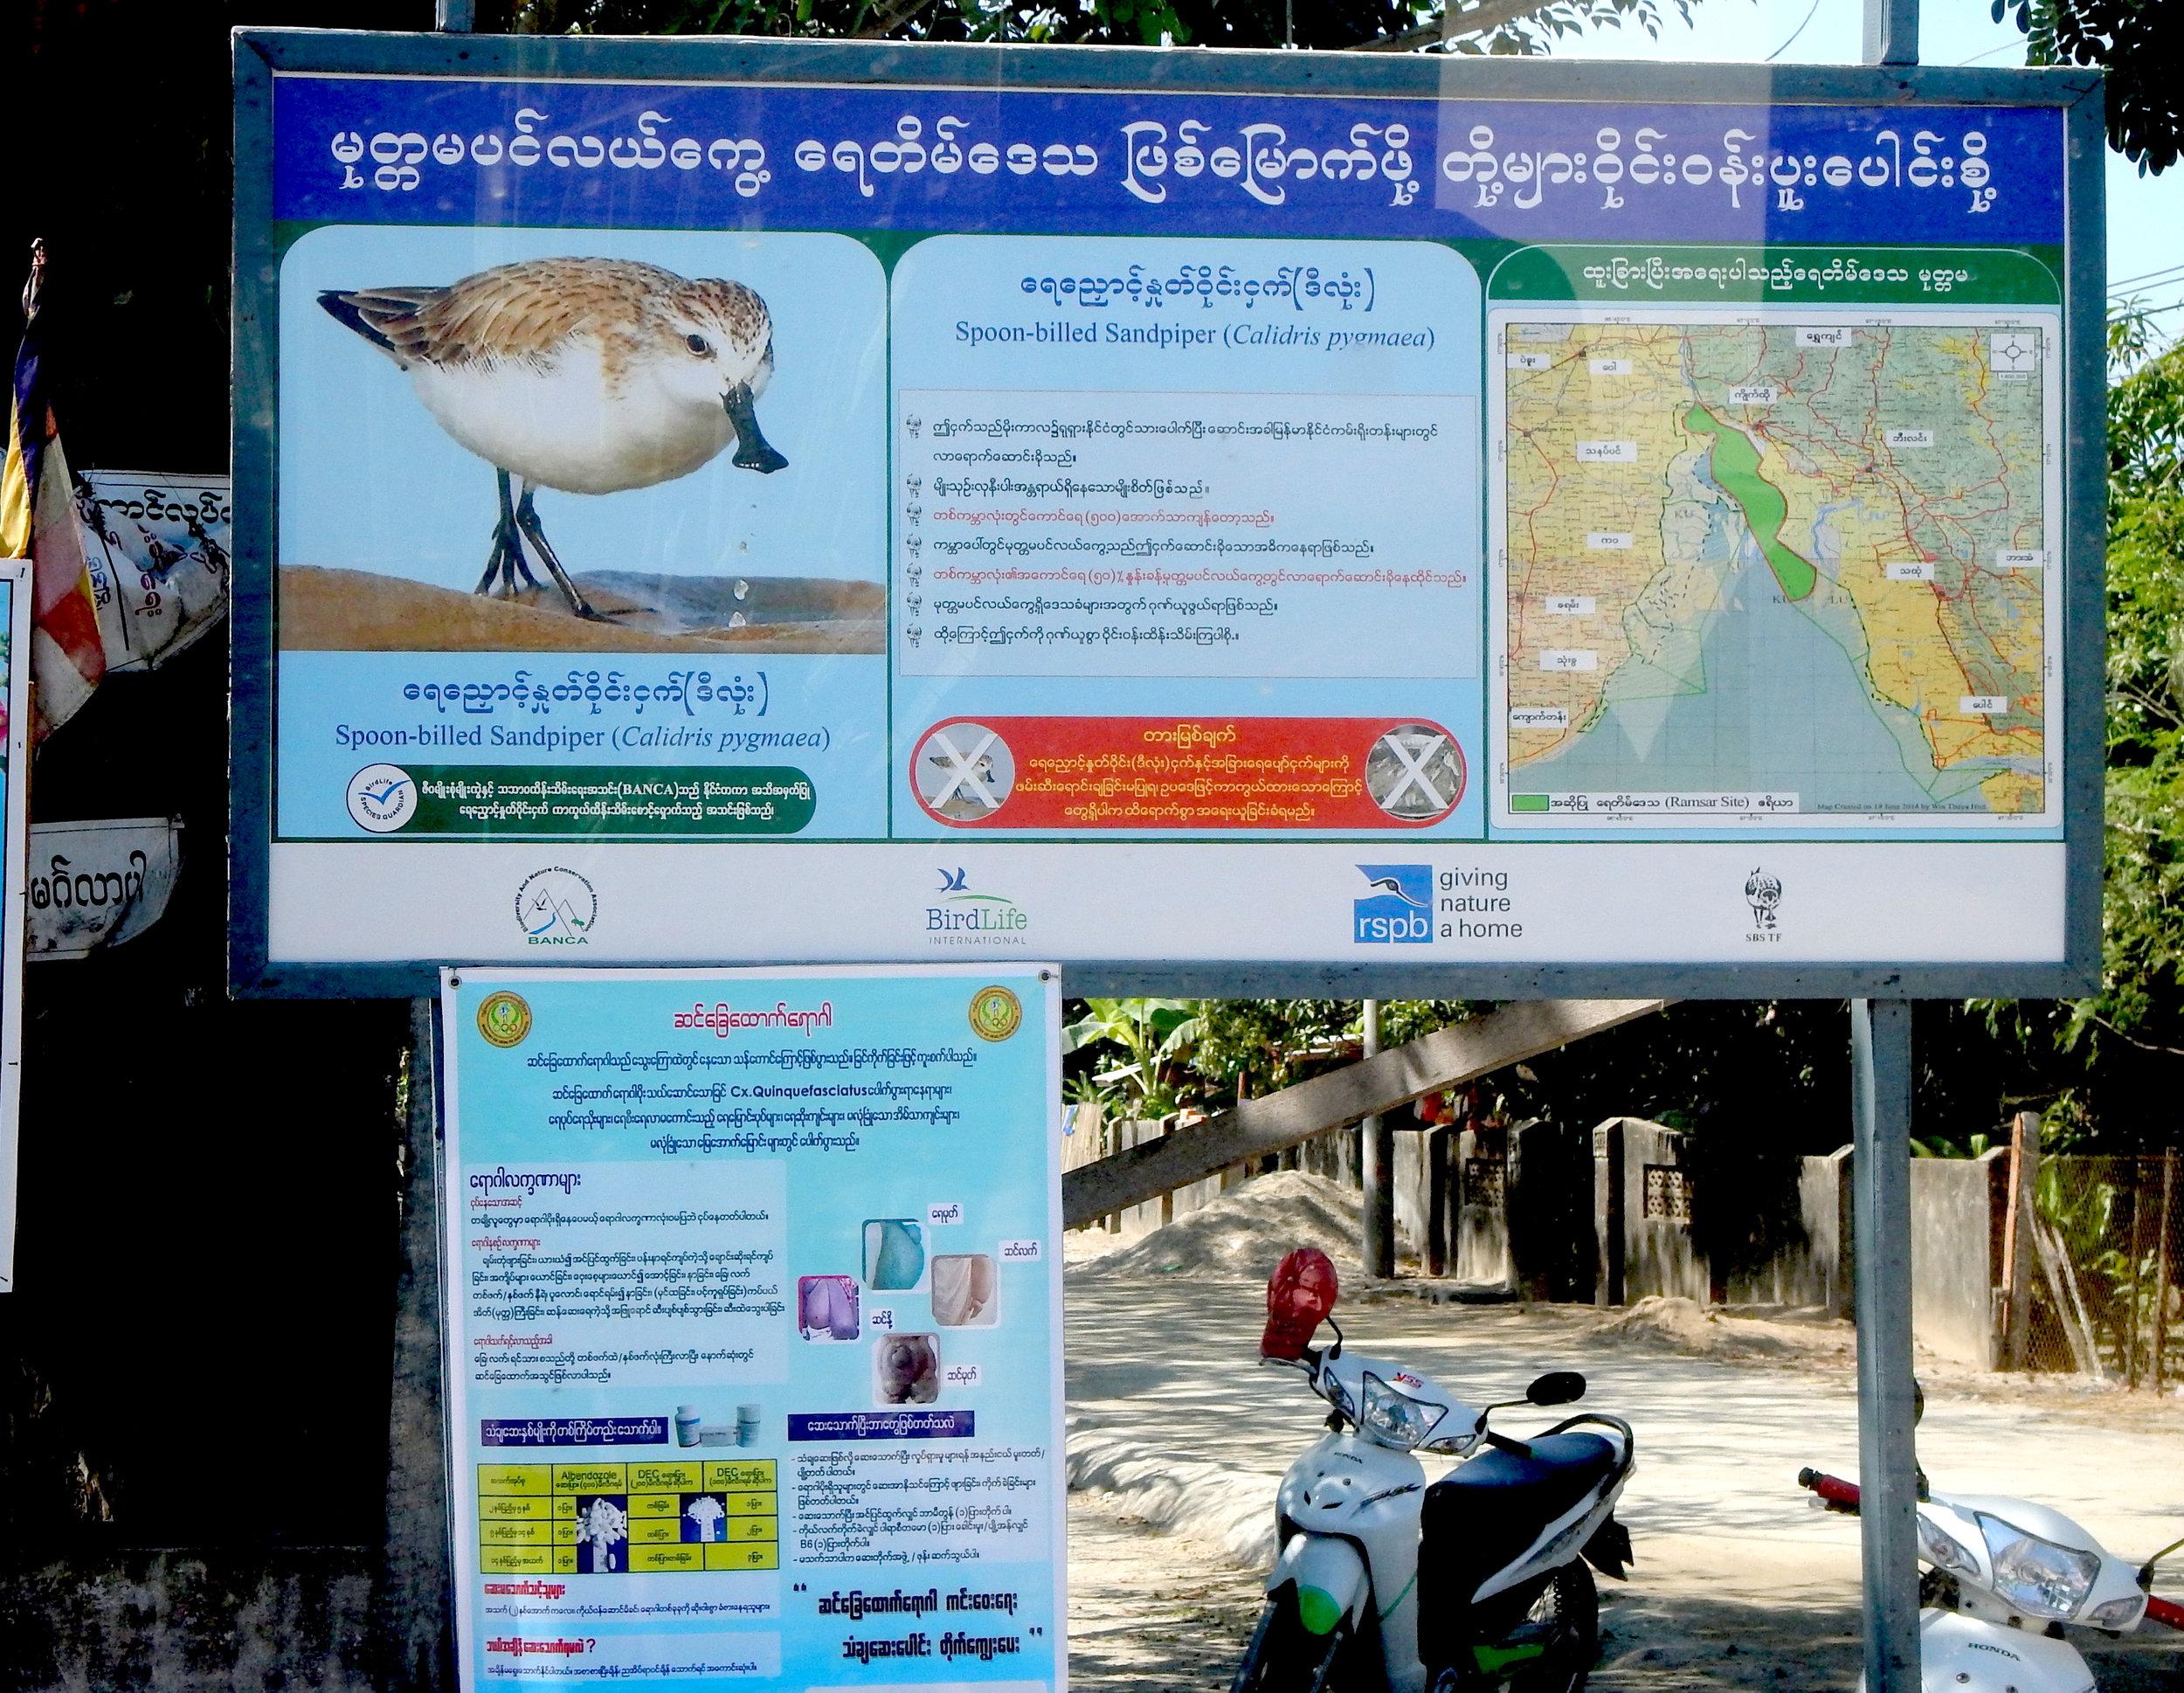 Sbs Sign in Myanmar.jpg